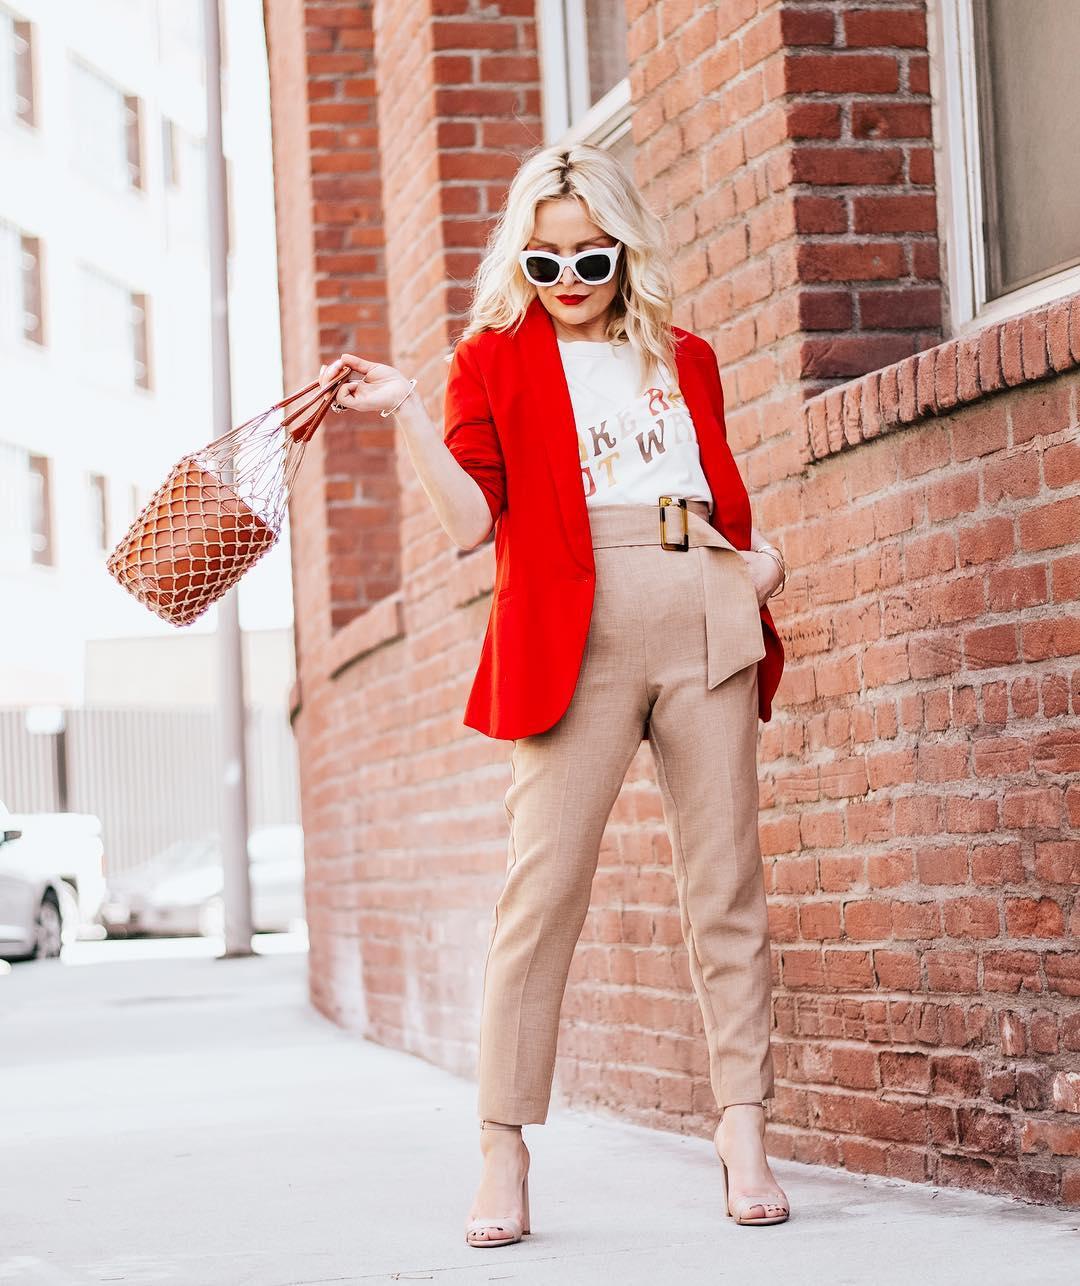 летний уличный стиль 2019 для женщин 40-50 лет фото 3